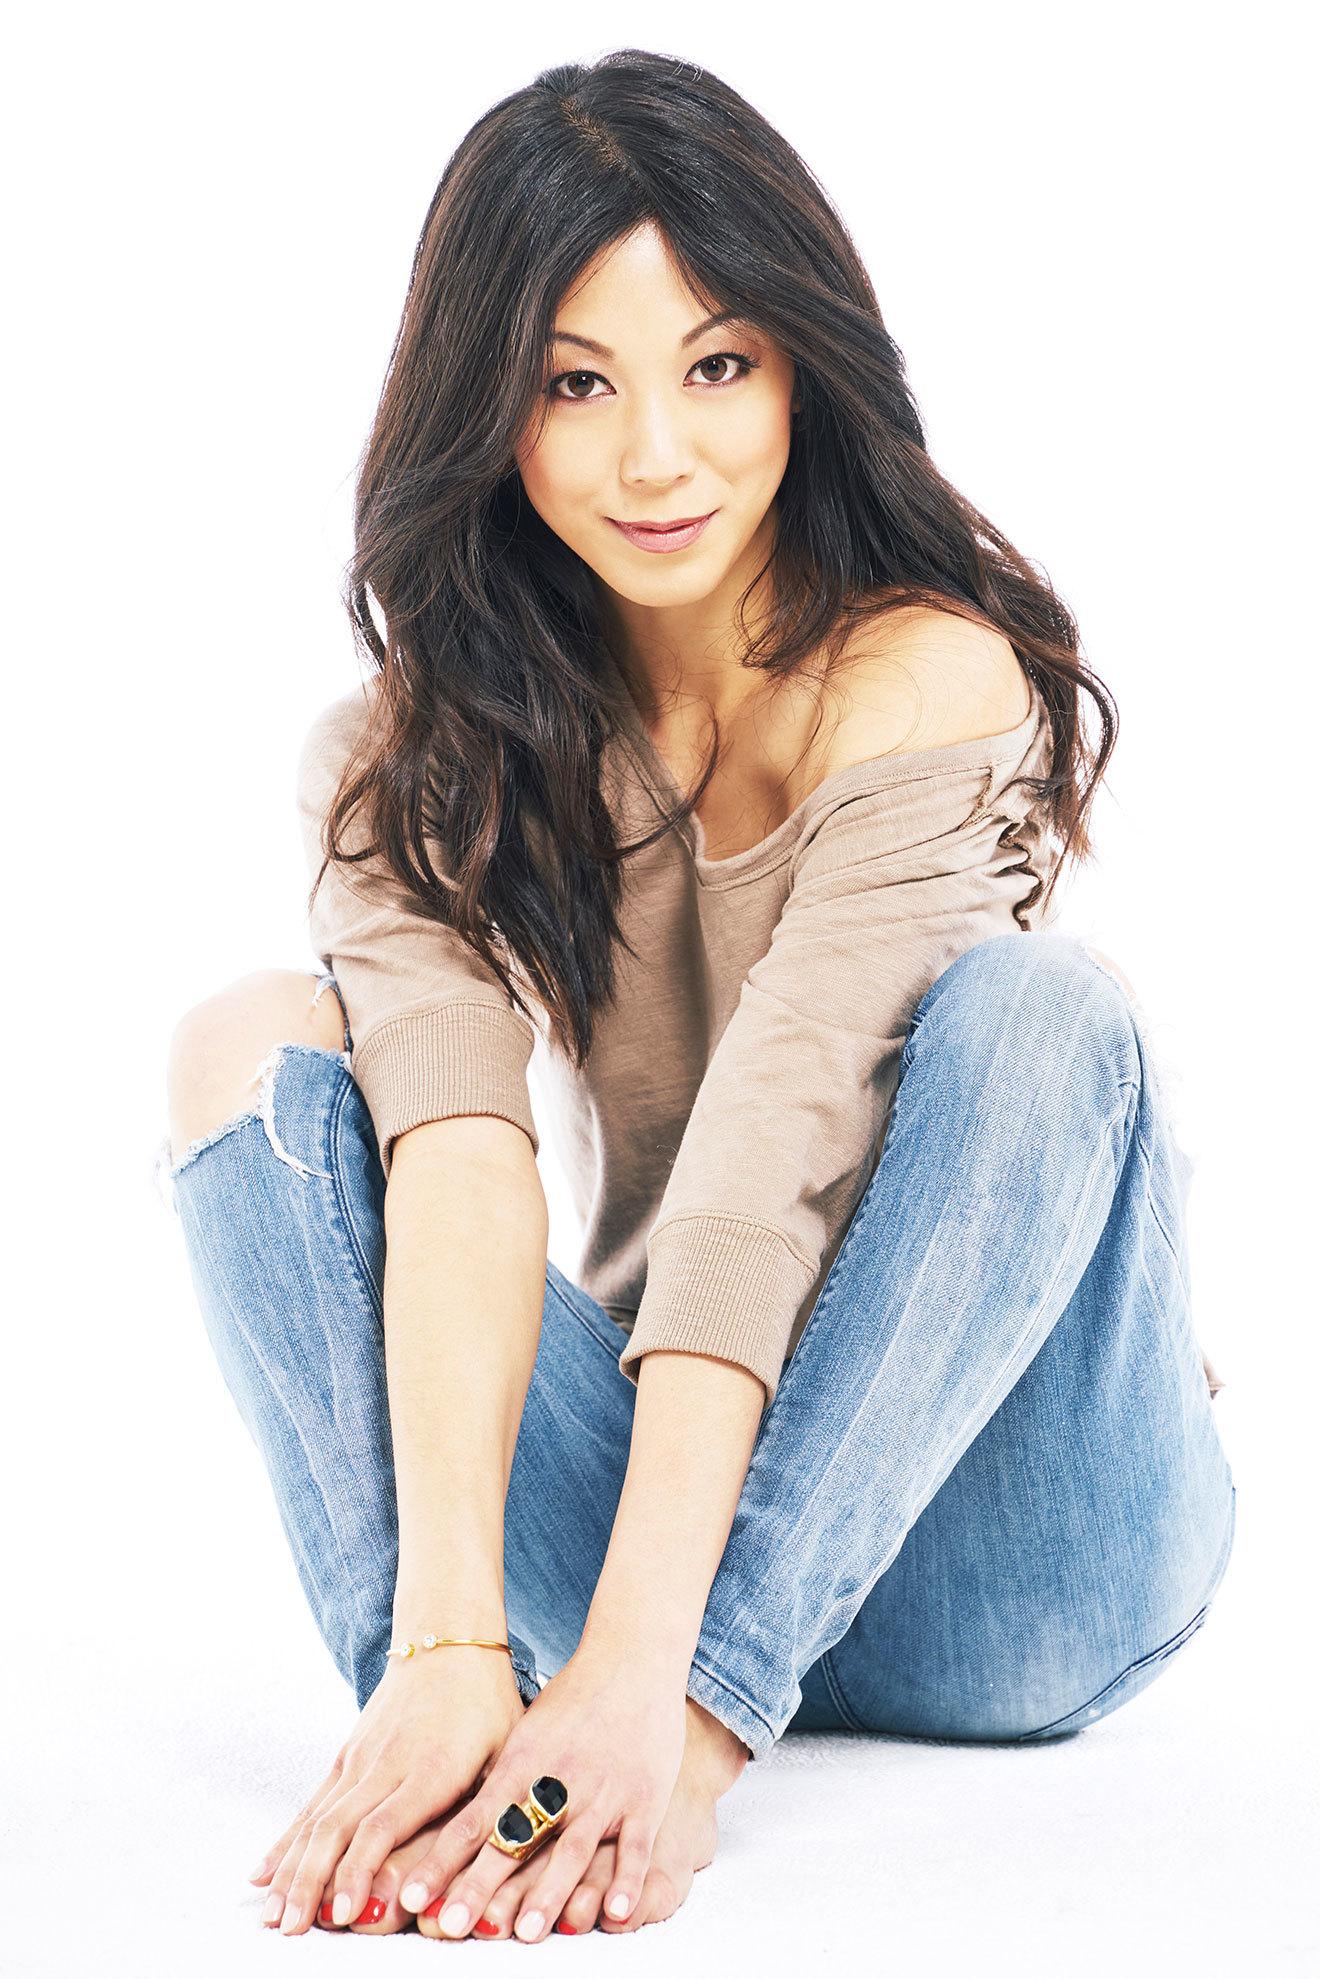 images Brittany Ishibashi